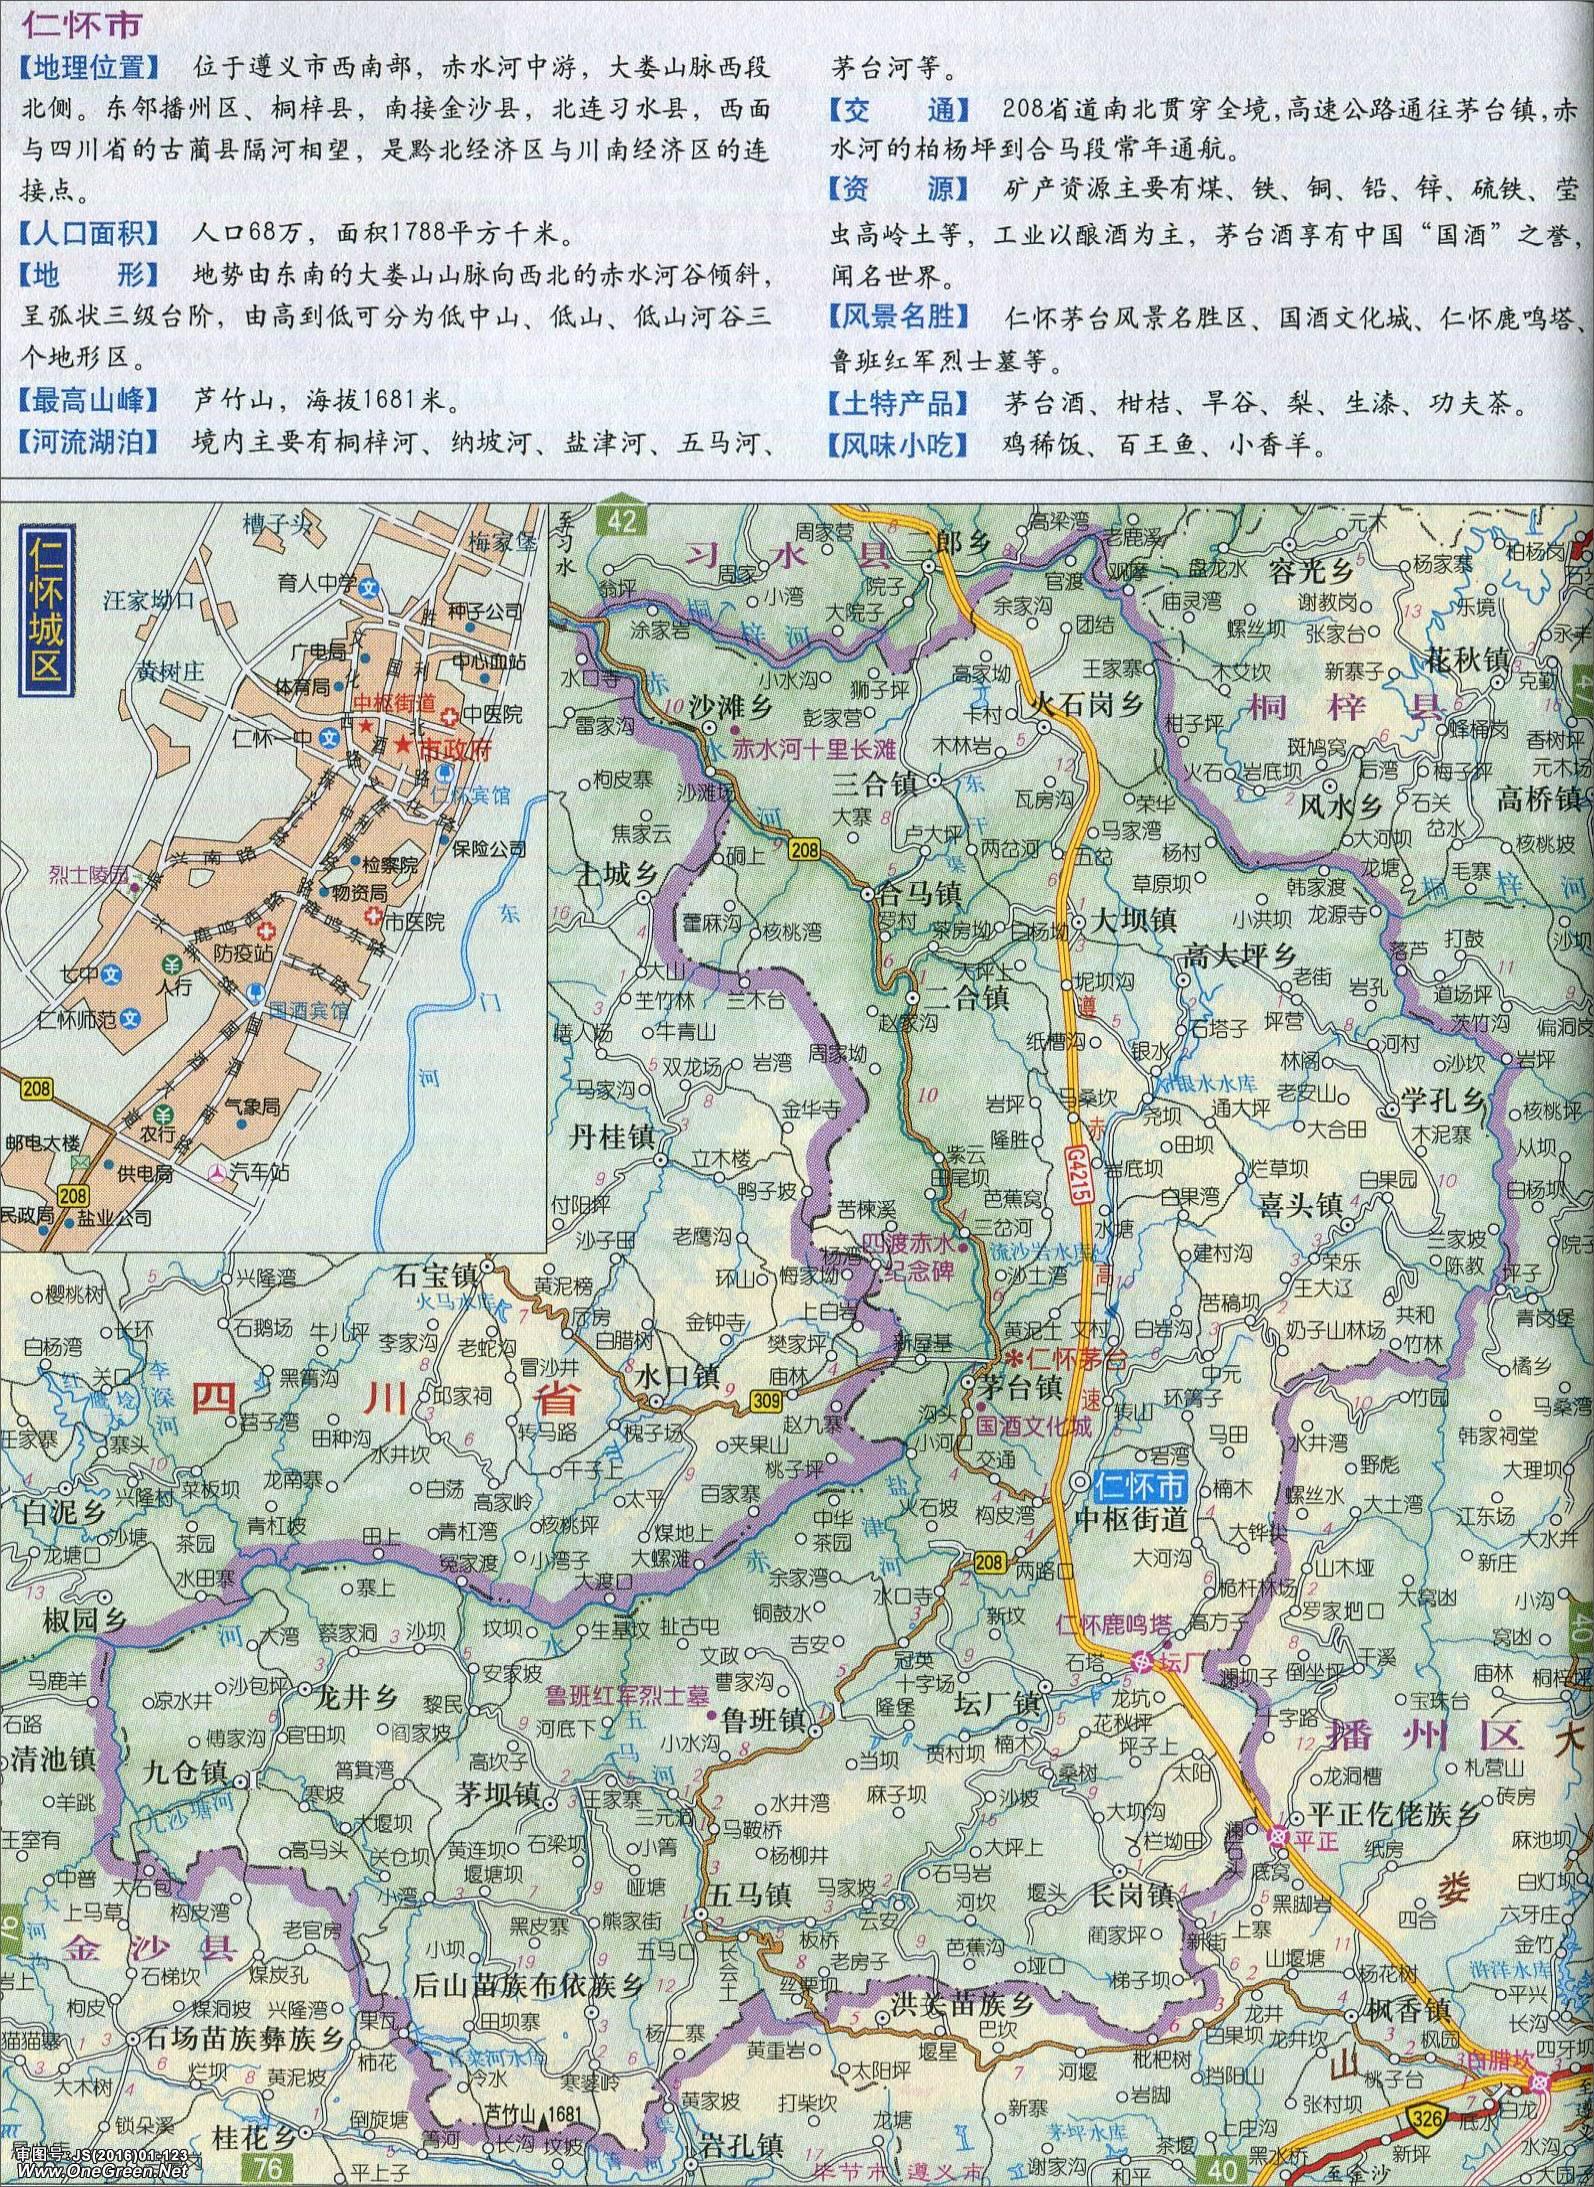 地图库 中国地图 贵州 遵义 >> 仁怀市地图                  相关图片